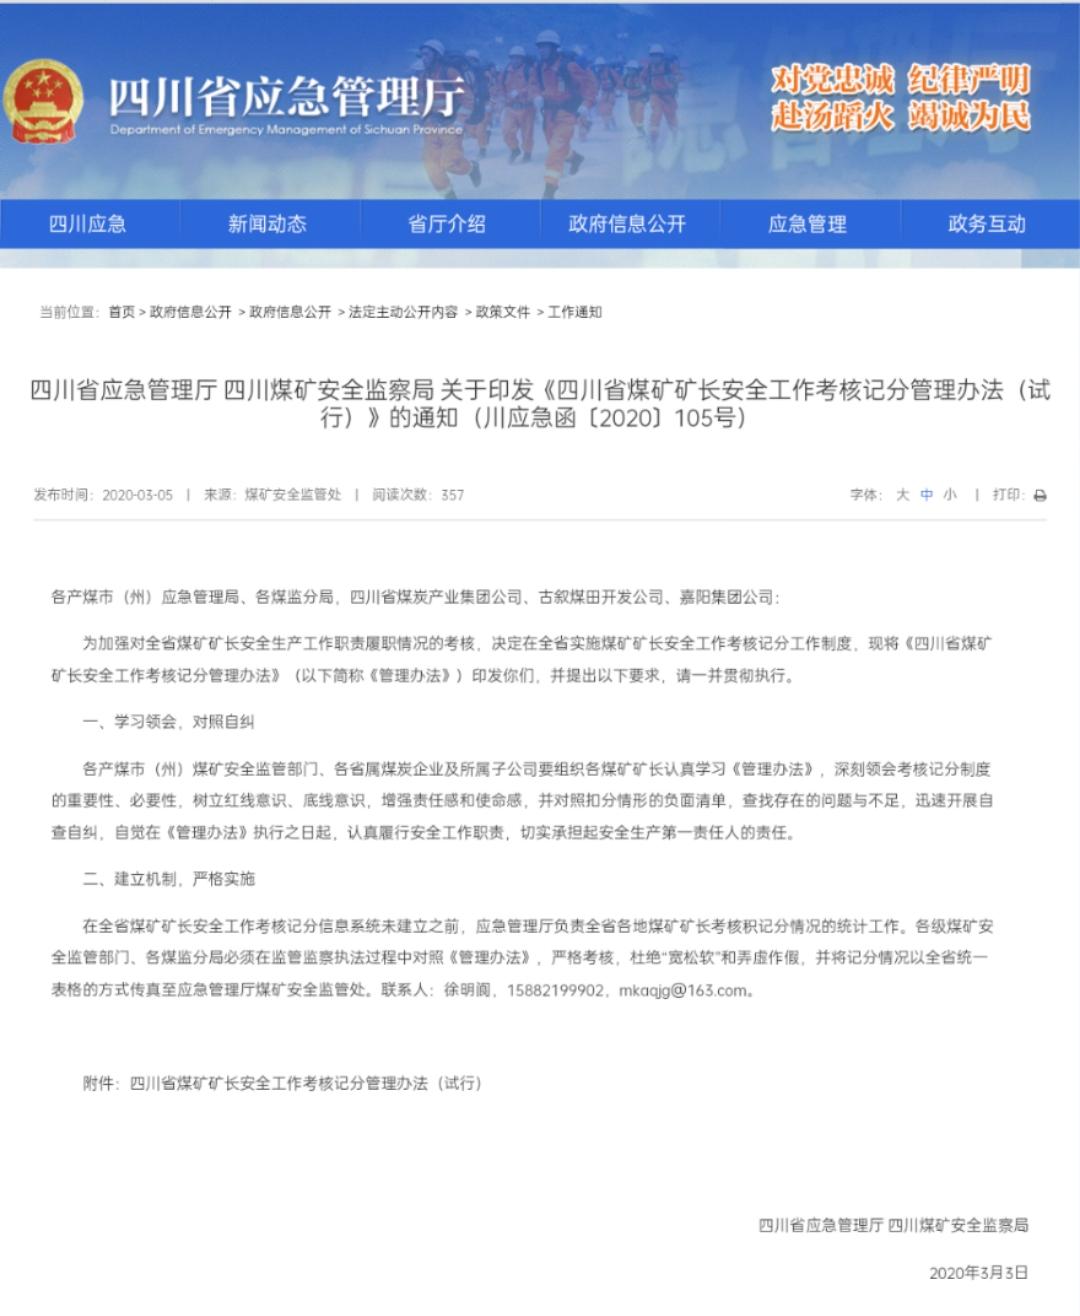 四川省答急管理厅发布印发《四川省煤矿矿长坦然做事考核记分管理手段(试走)》的告诉。当局官方截图